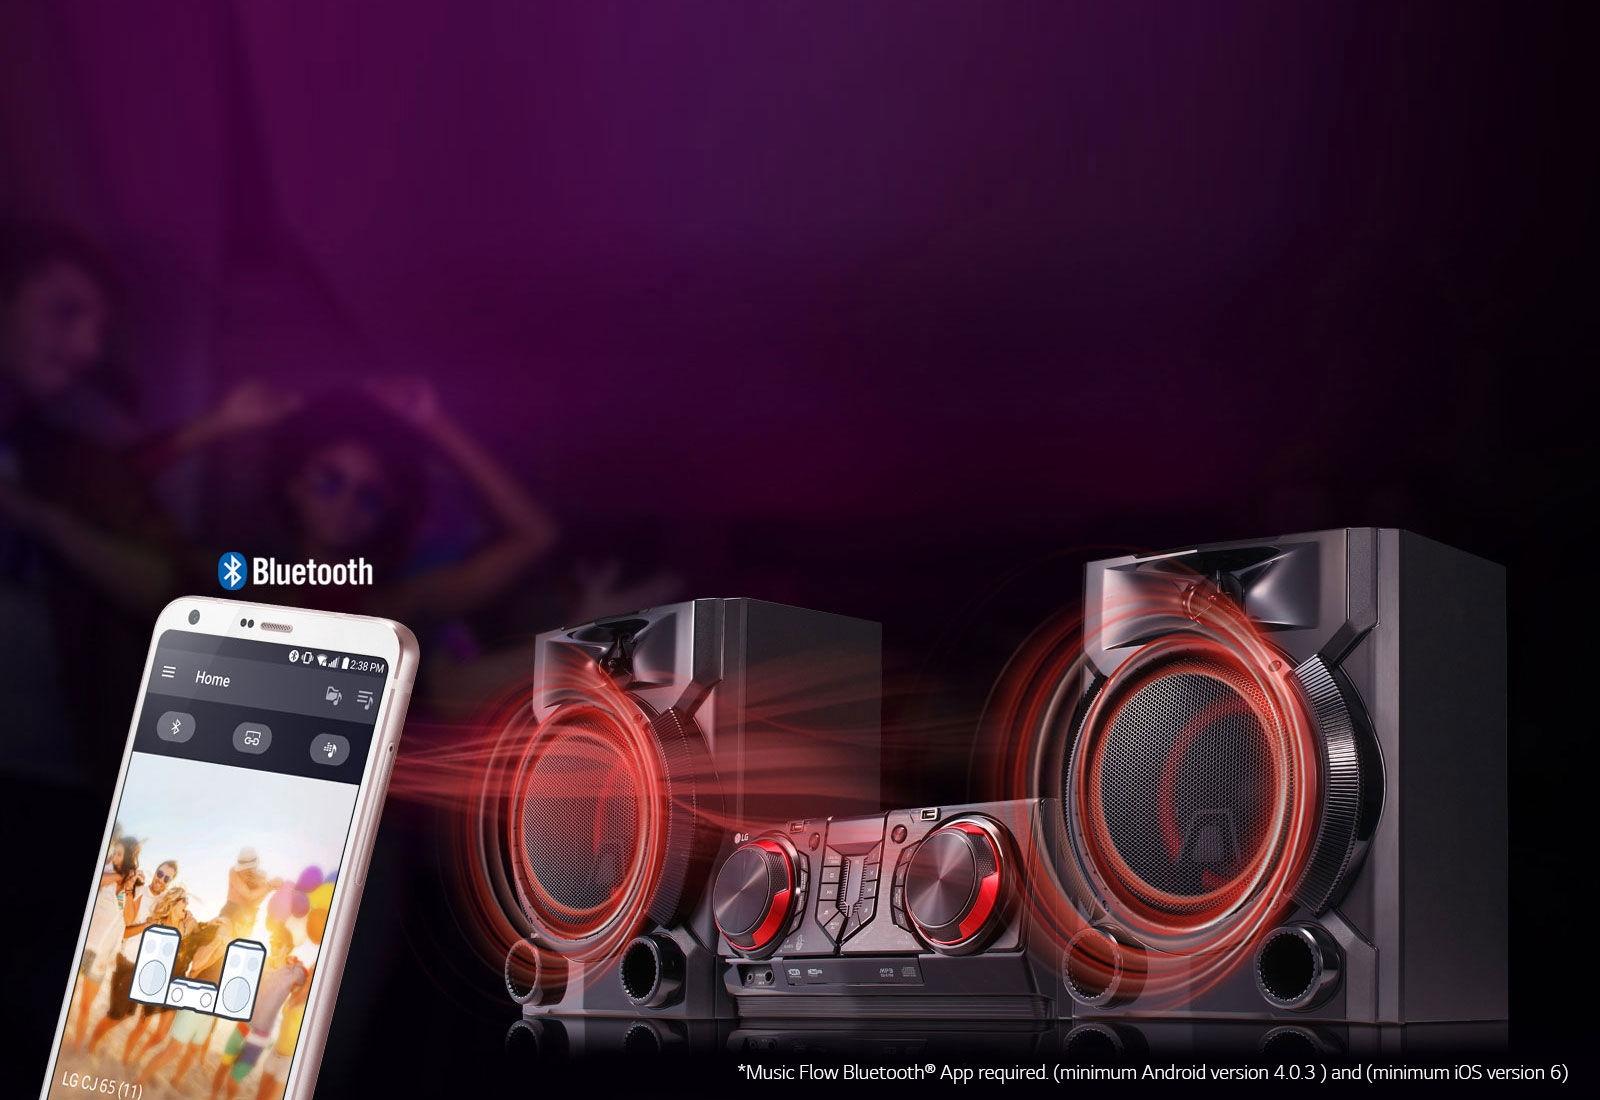 06_CJ65_LG-Bluetooth-App_D111